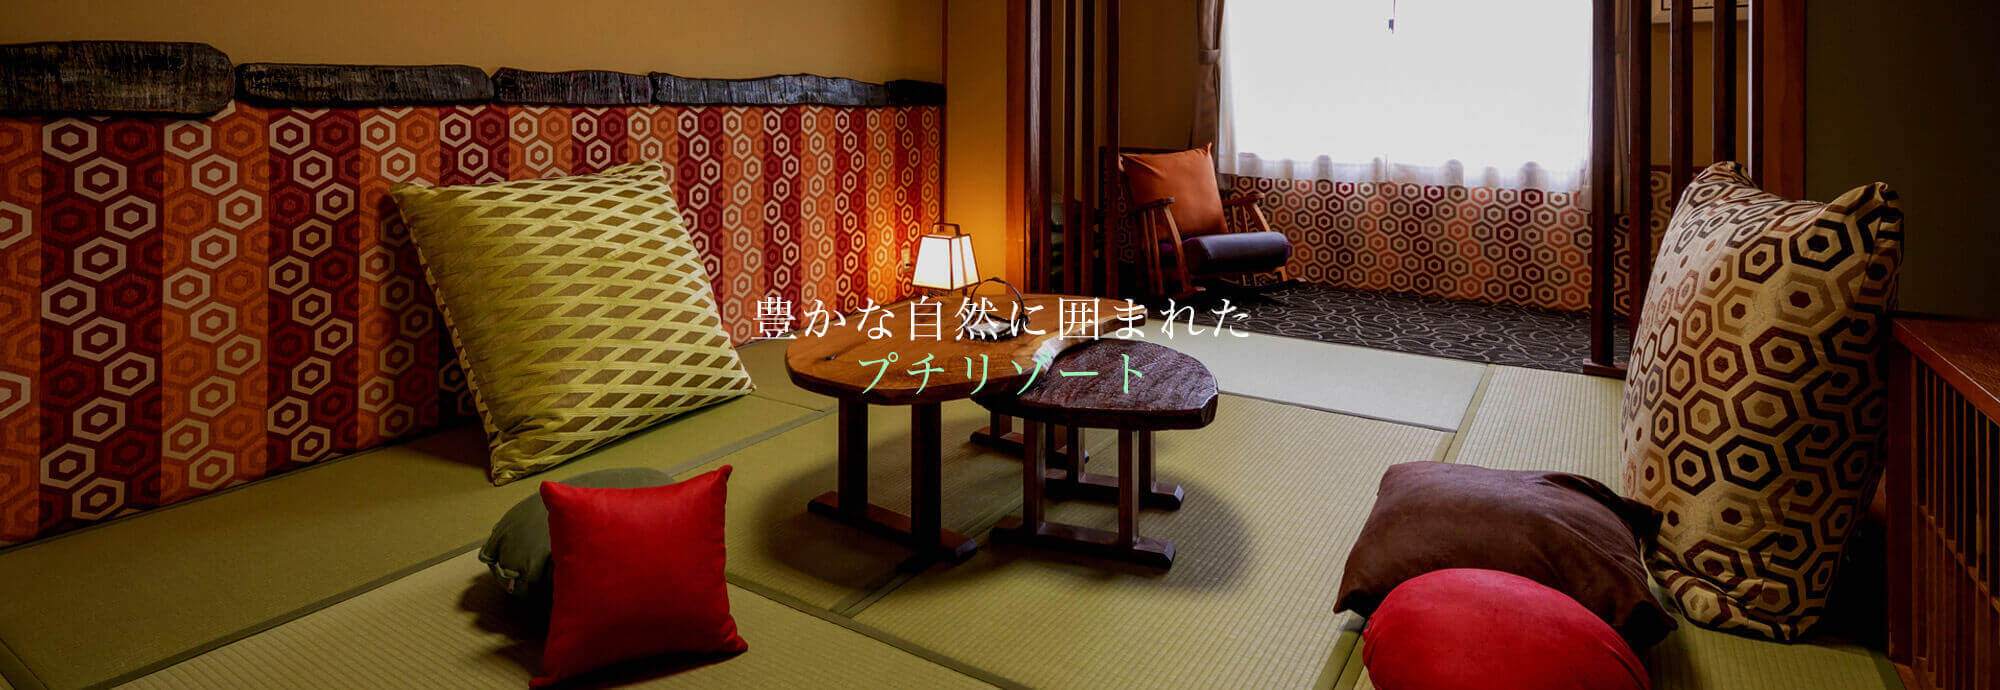 長野 木曽駒高原 YOSHINAKA 森のホテル